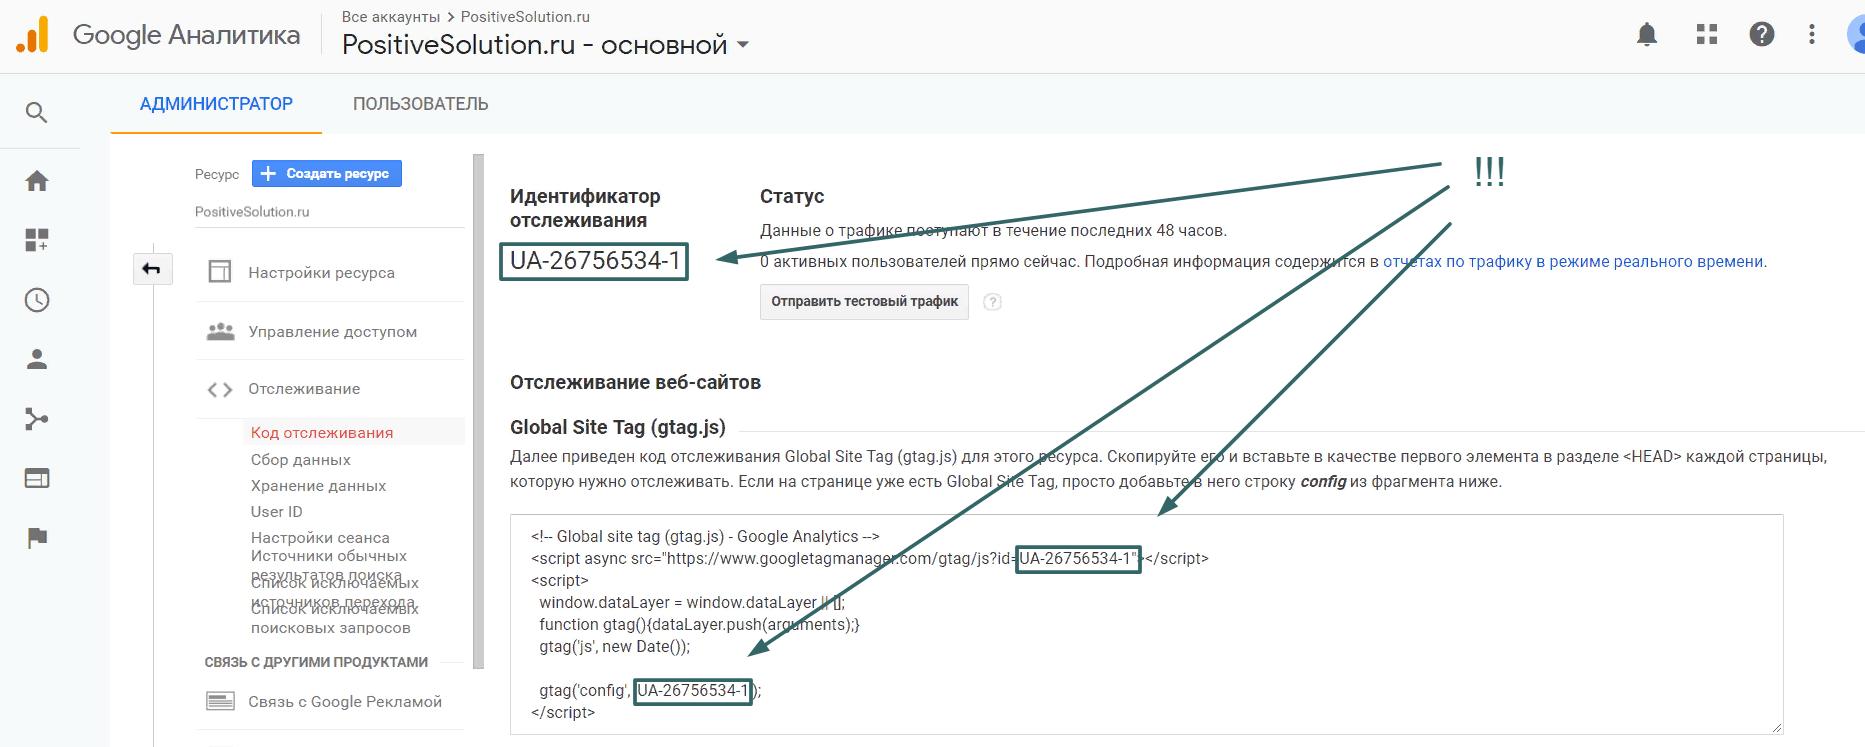 Код отслеживания Гугл Аналитики